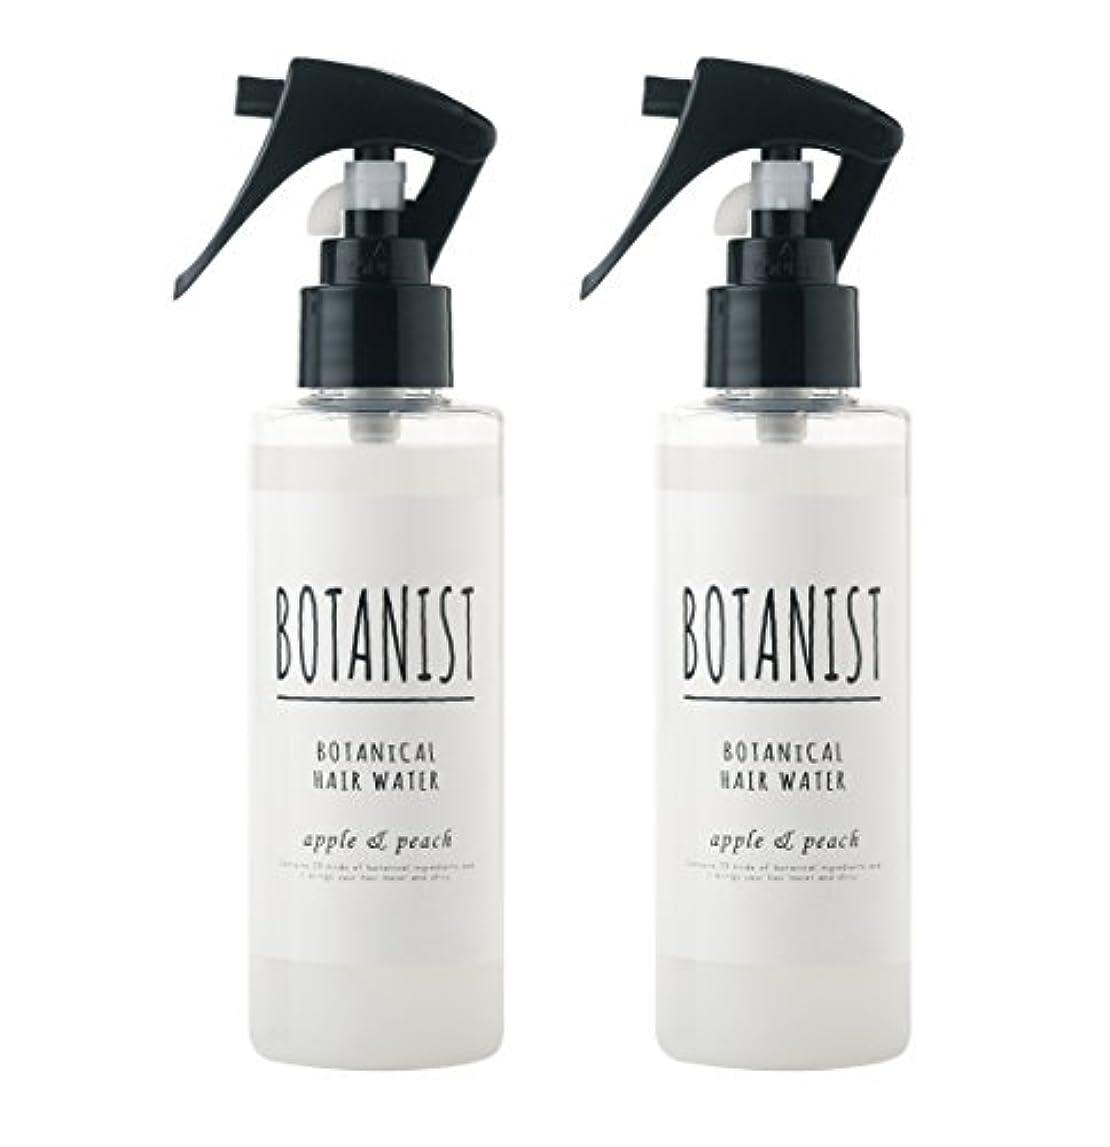 【2本セット】BOTANIST ボタニカルヘアウォーター 150mL